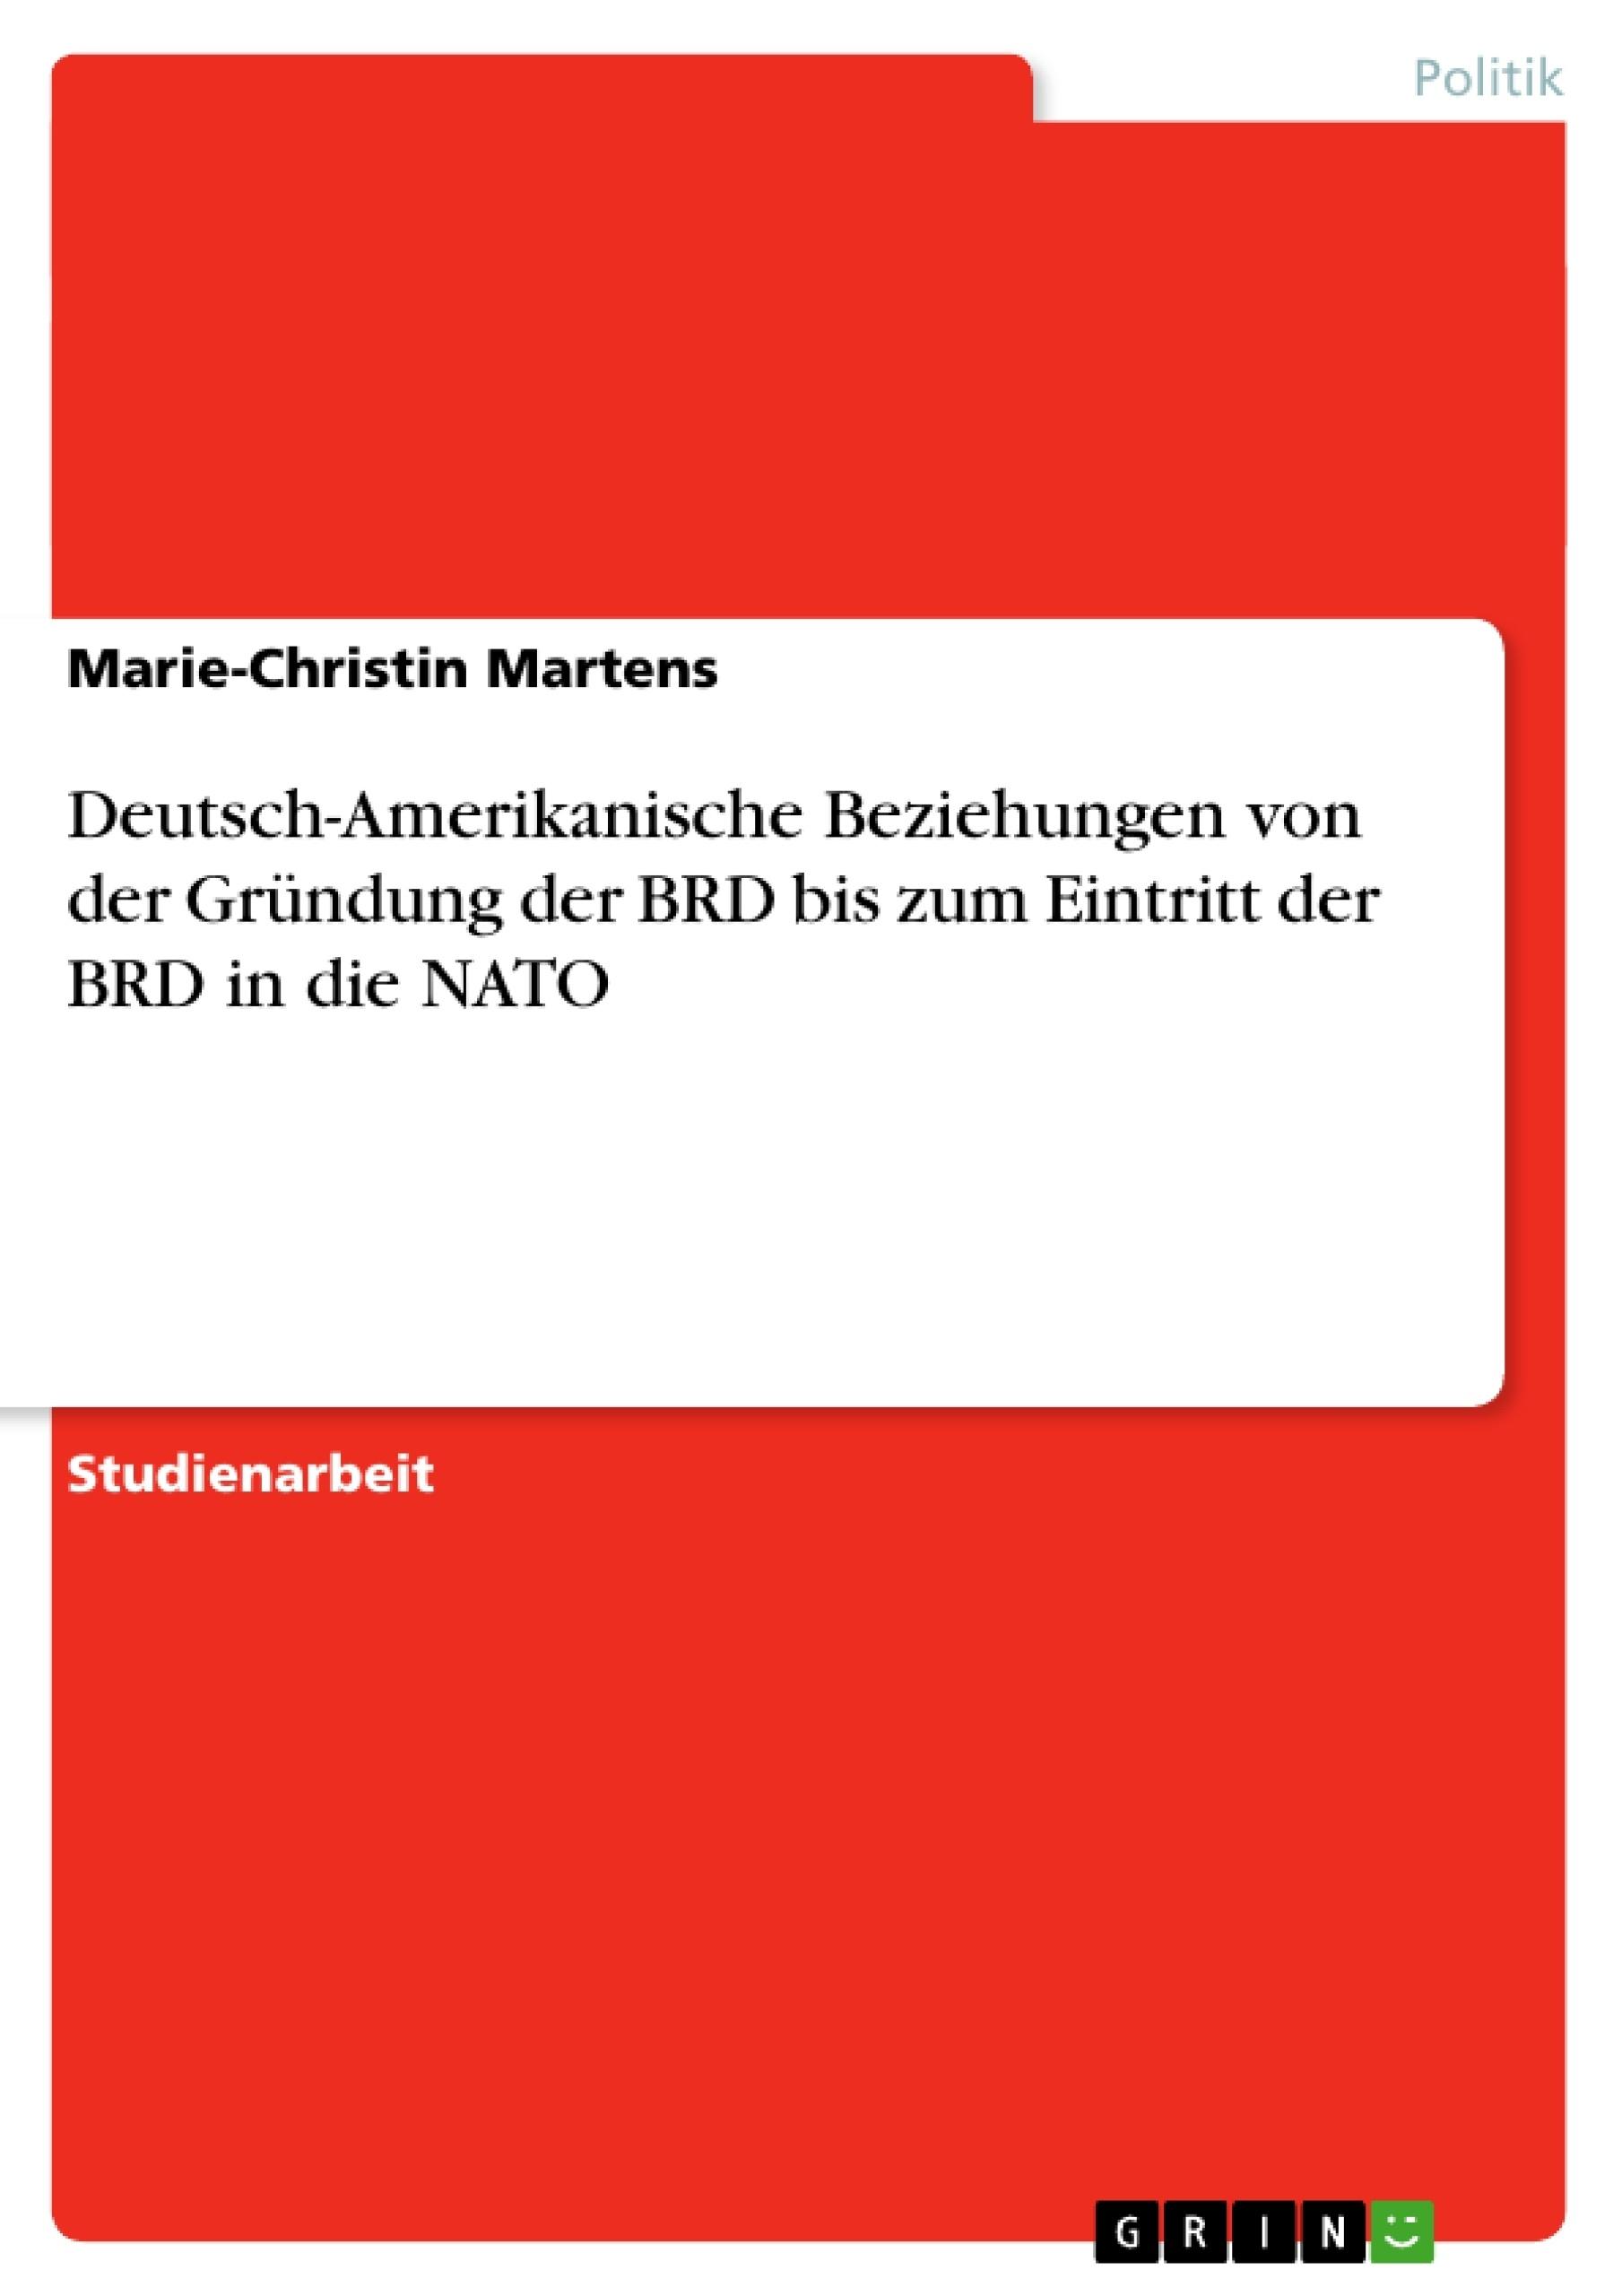 Titel: Deutsch-Amerikanische Beziehungen von der Gründung der BRD bis zum Eintritt der BRD in die NATO